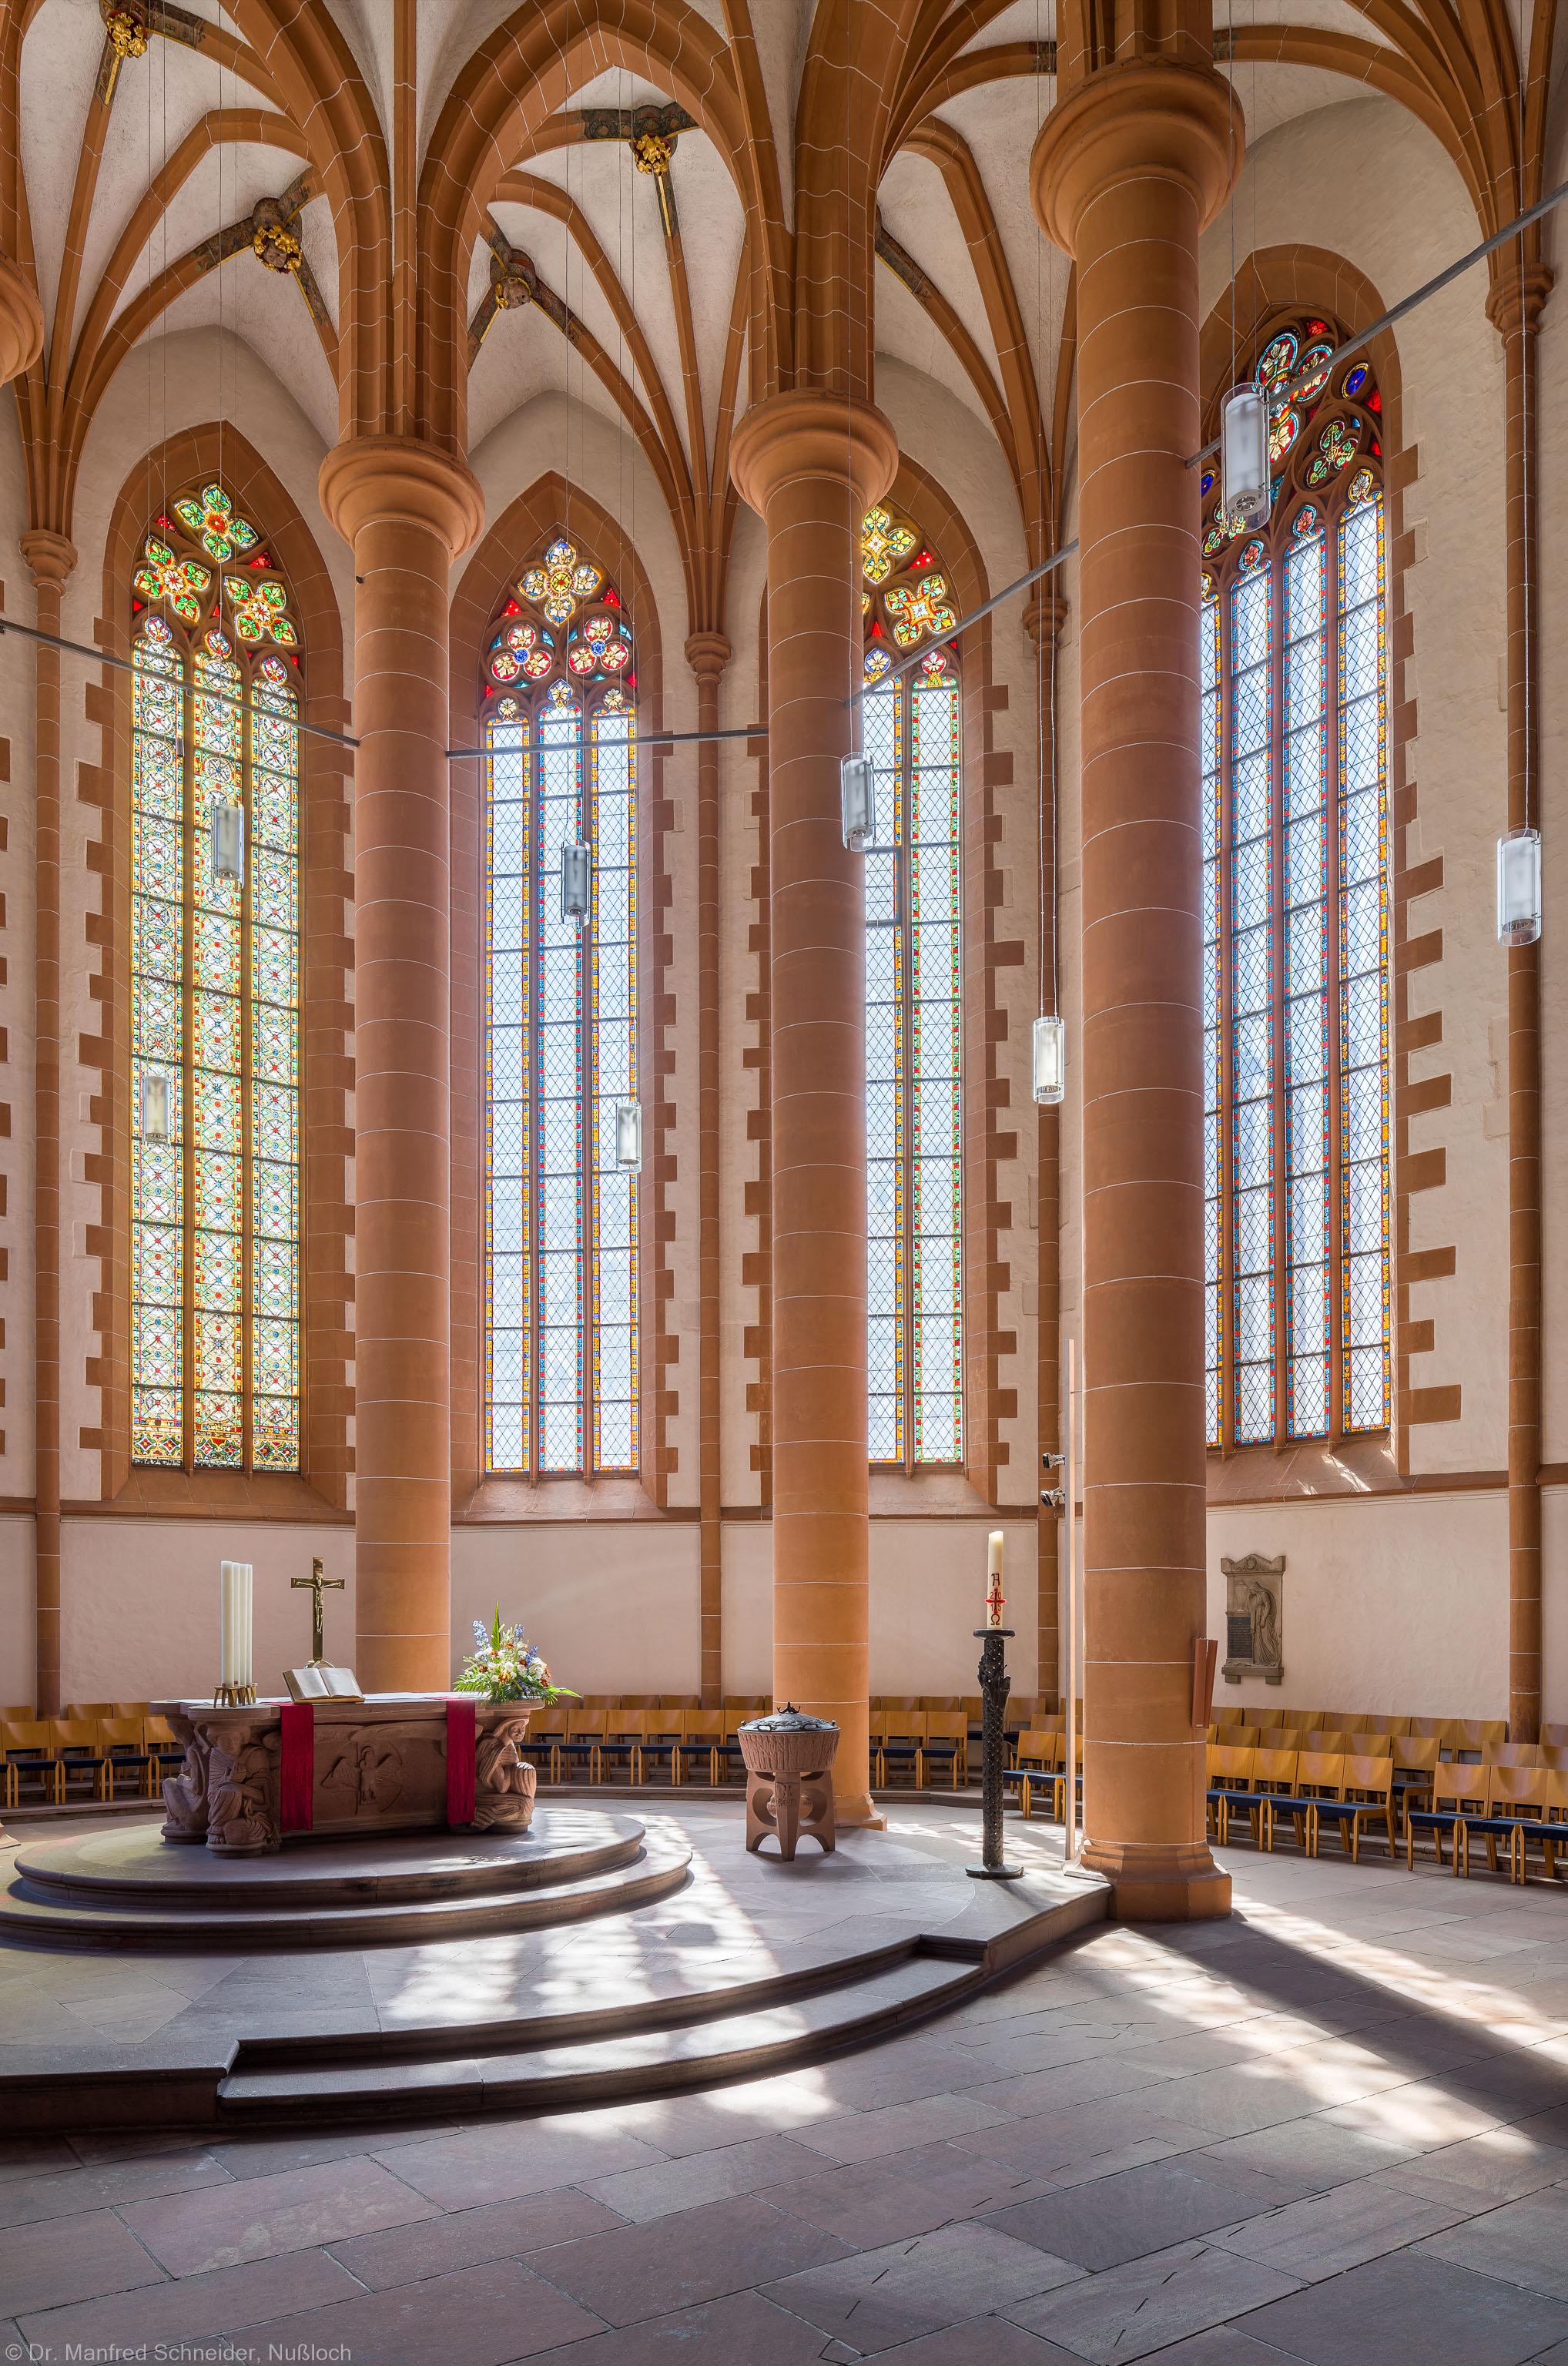 Heidelberg - Heiliggeistkirche - Chor - Blick in den Chor nach Südosten mit Säulen, Gewölbe und Altar (aufgenommen im Mai 2015, am späten Vormittag)